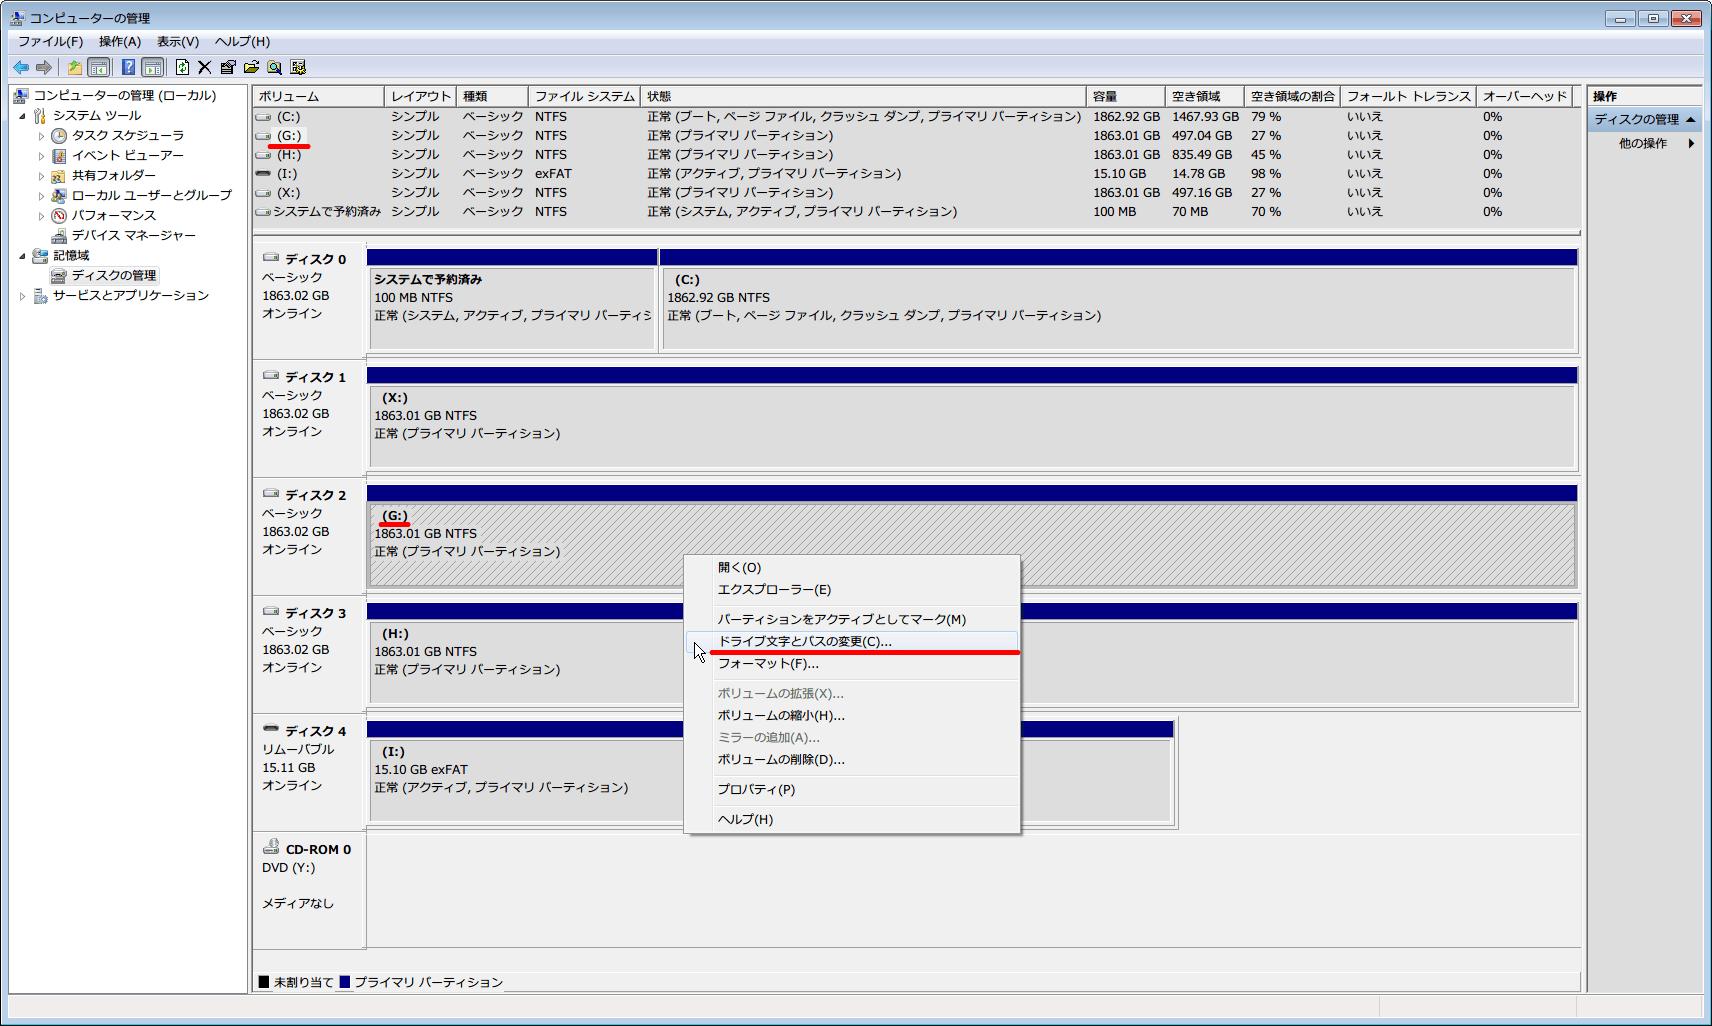 Windows 7 ディスクの管理画面 - ドライブ文字とパスの変更(C)... - 旧HDD ドライブレター変更作業